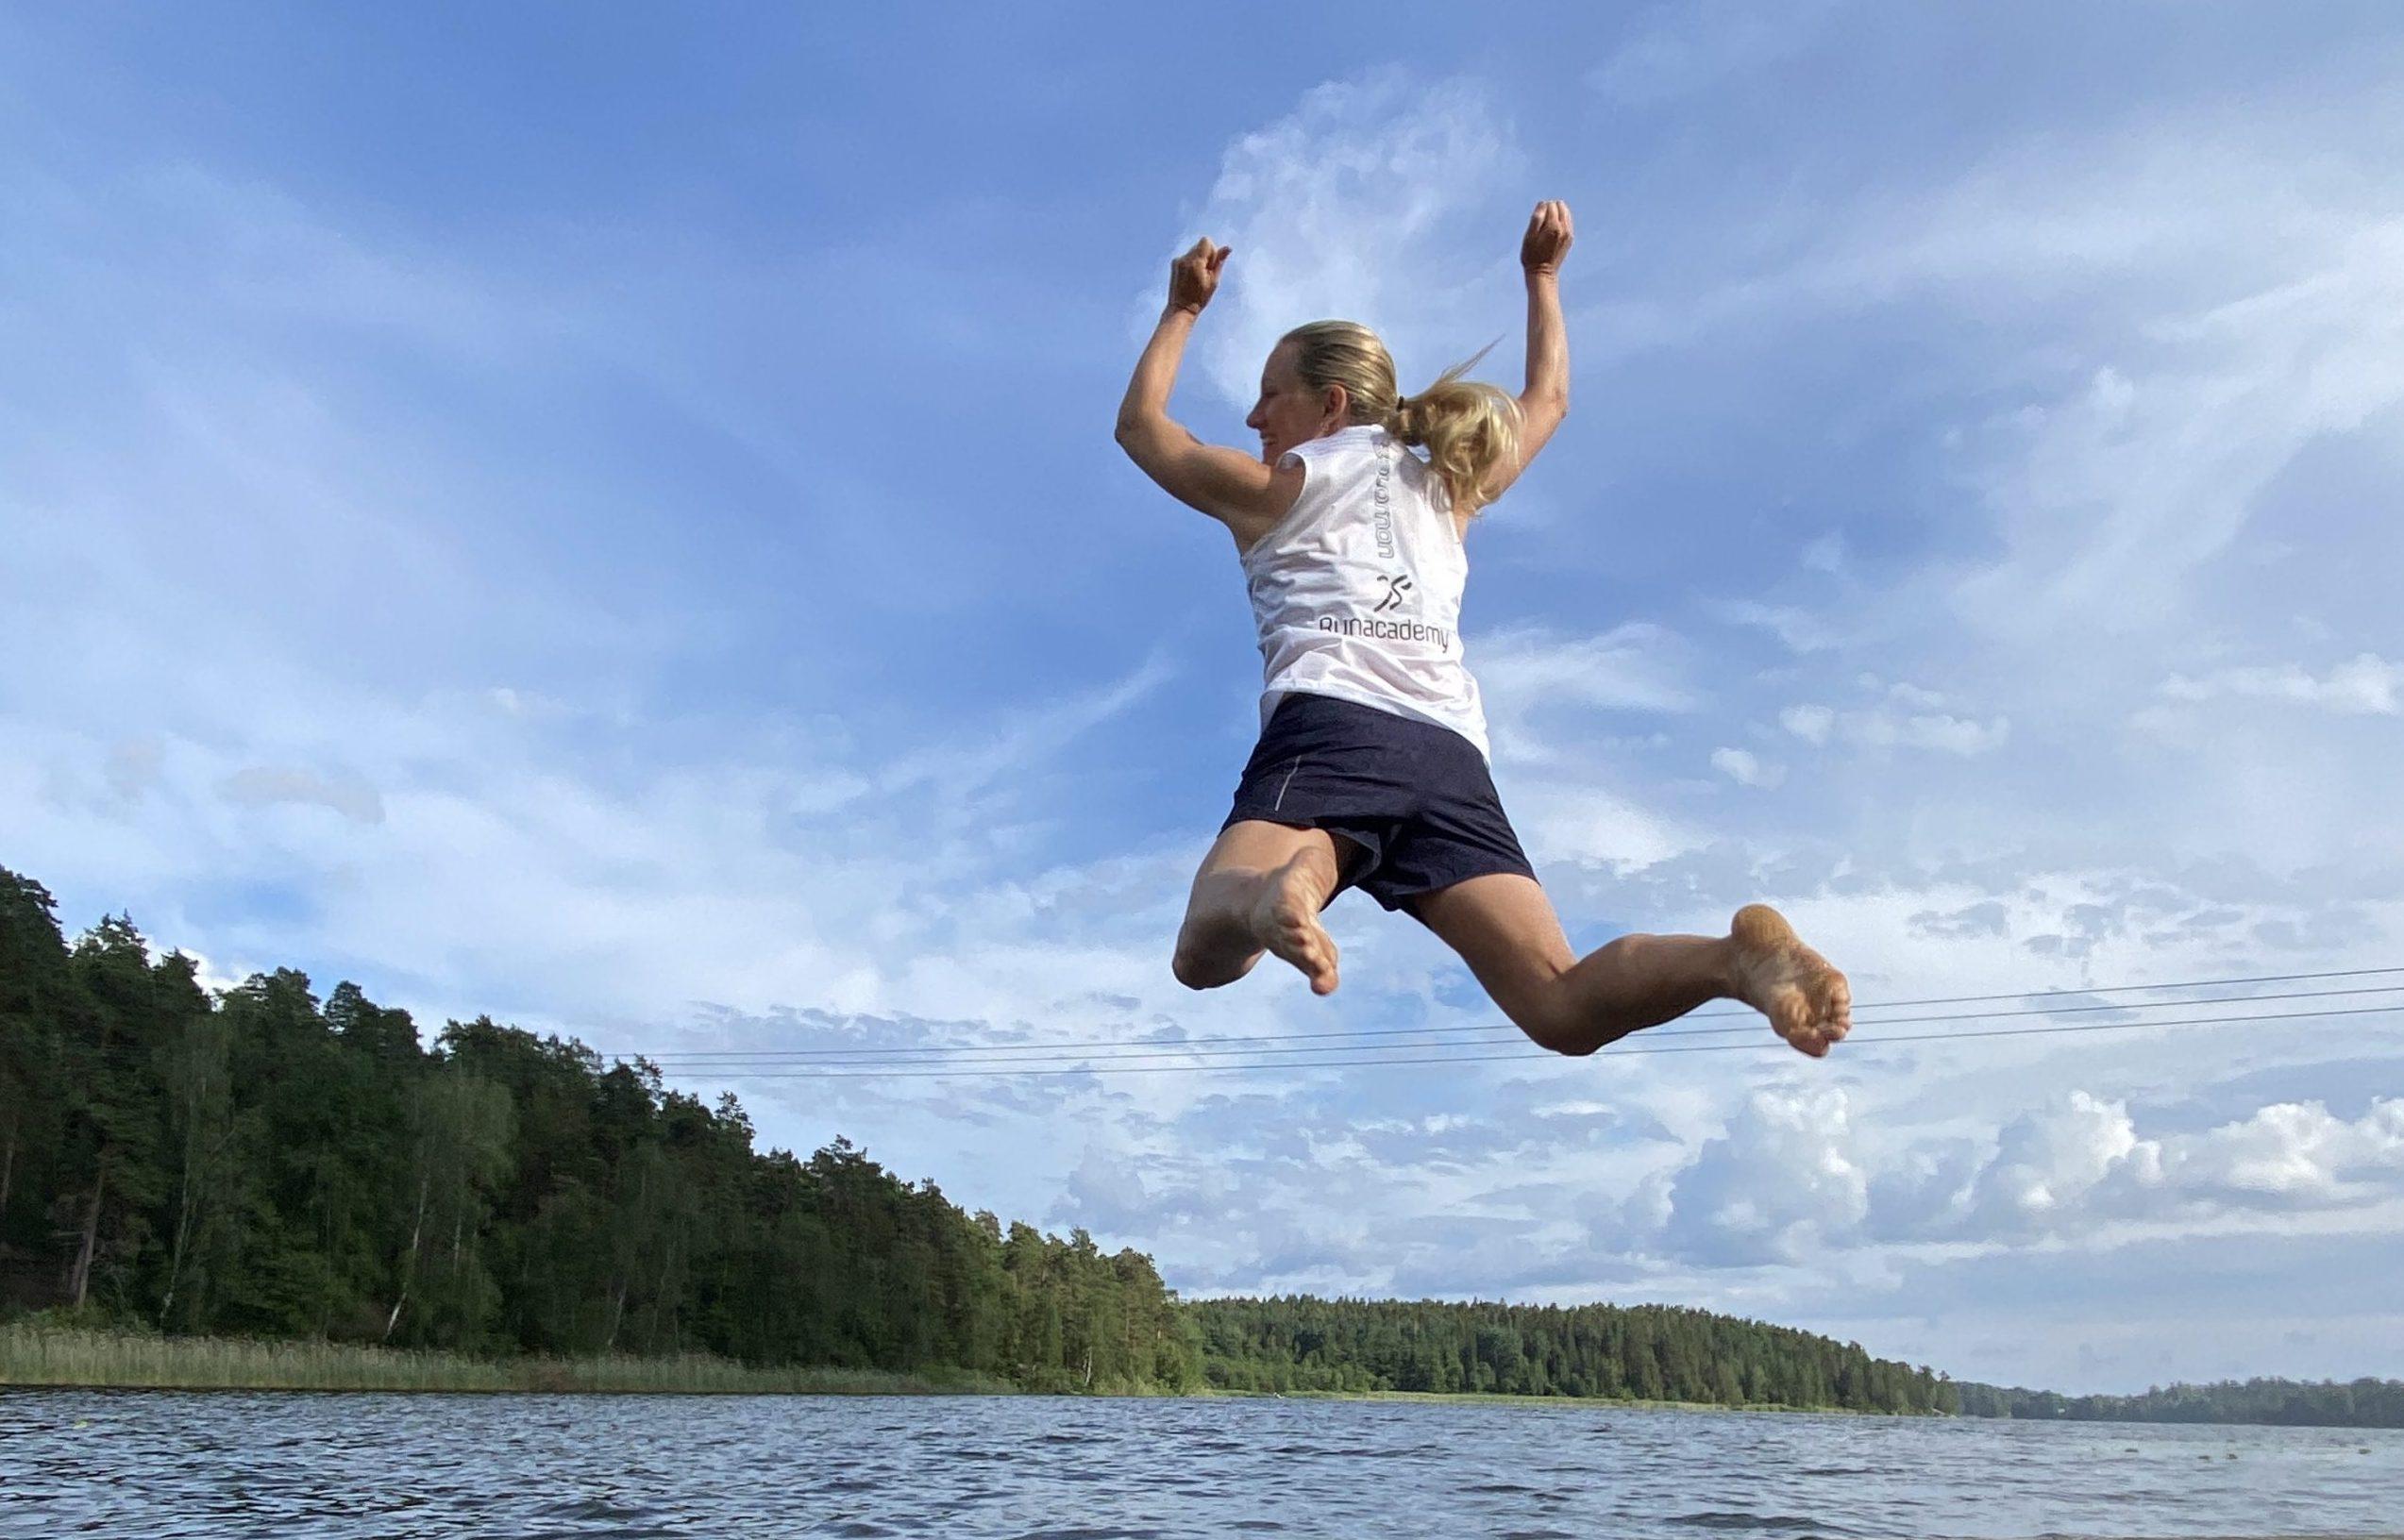 hopp ner i vattnet